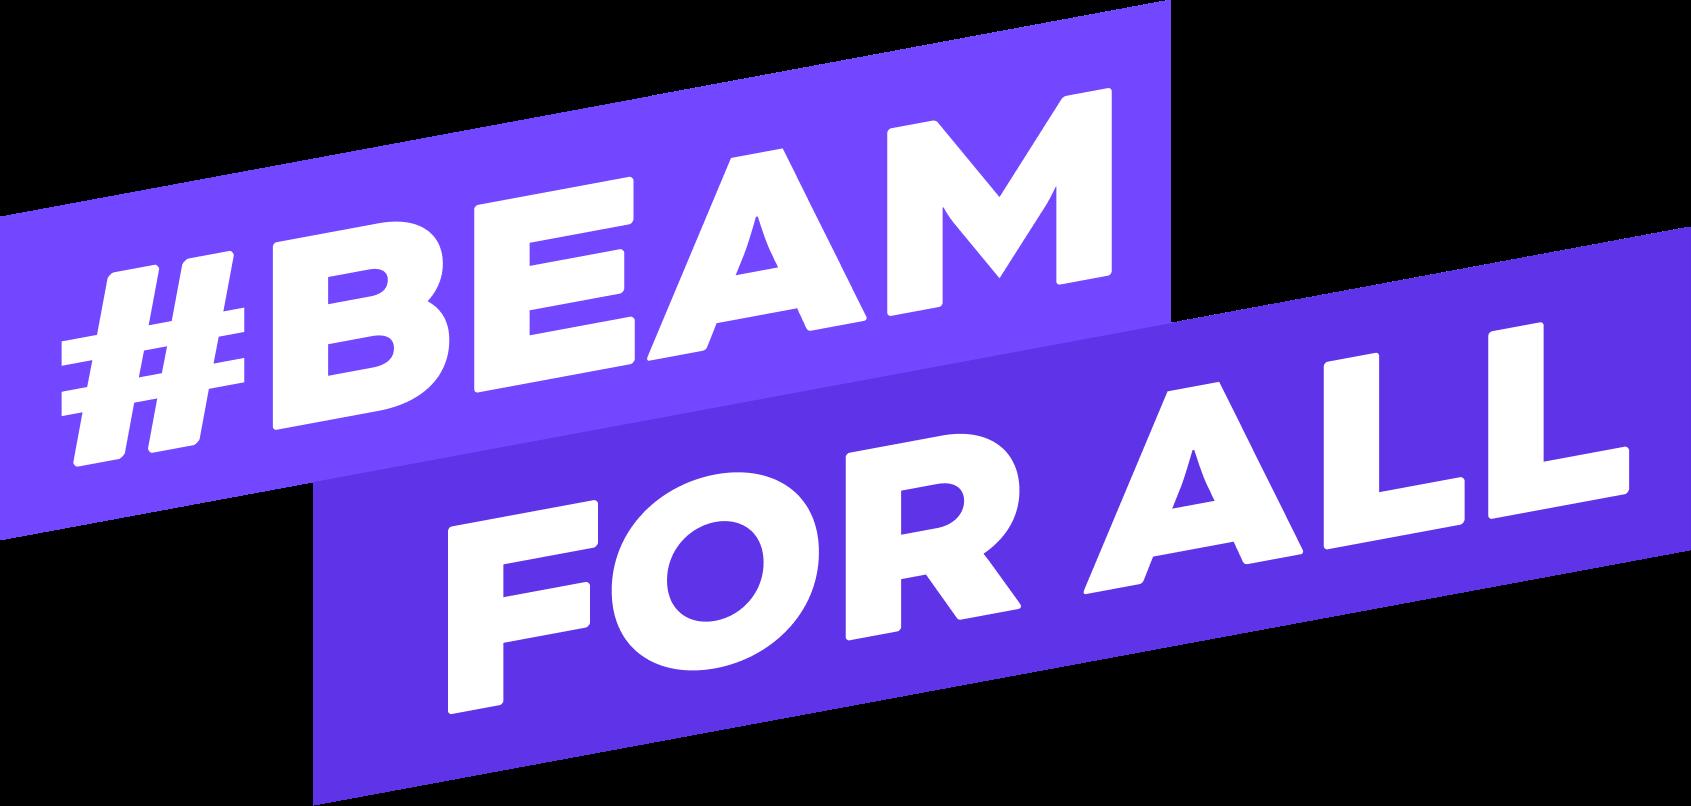 Beam for all logo